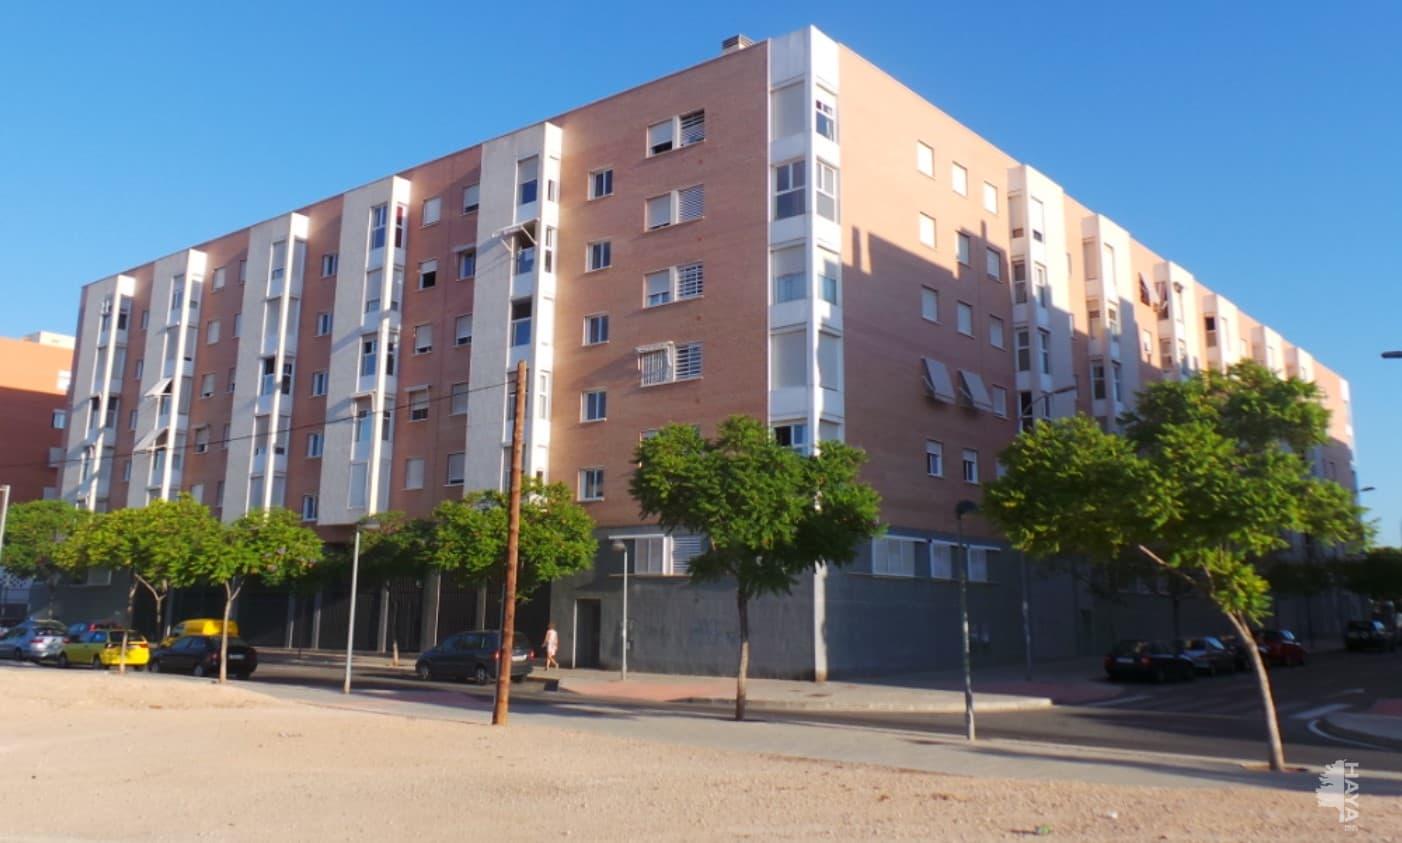 Piso en venta en Parque de la Avenidas, Alicante/alacant, Alicante, Calle los Montesinos, 148.000 €, 2 baños, 176 m2